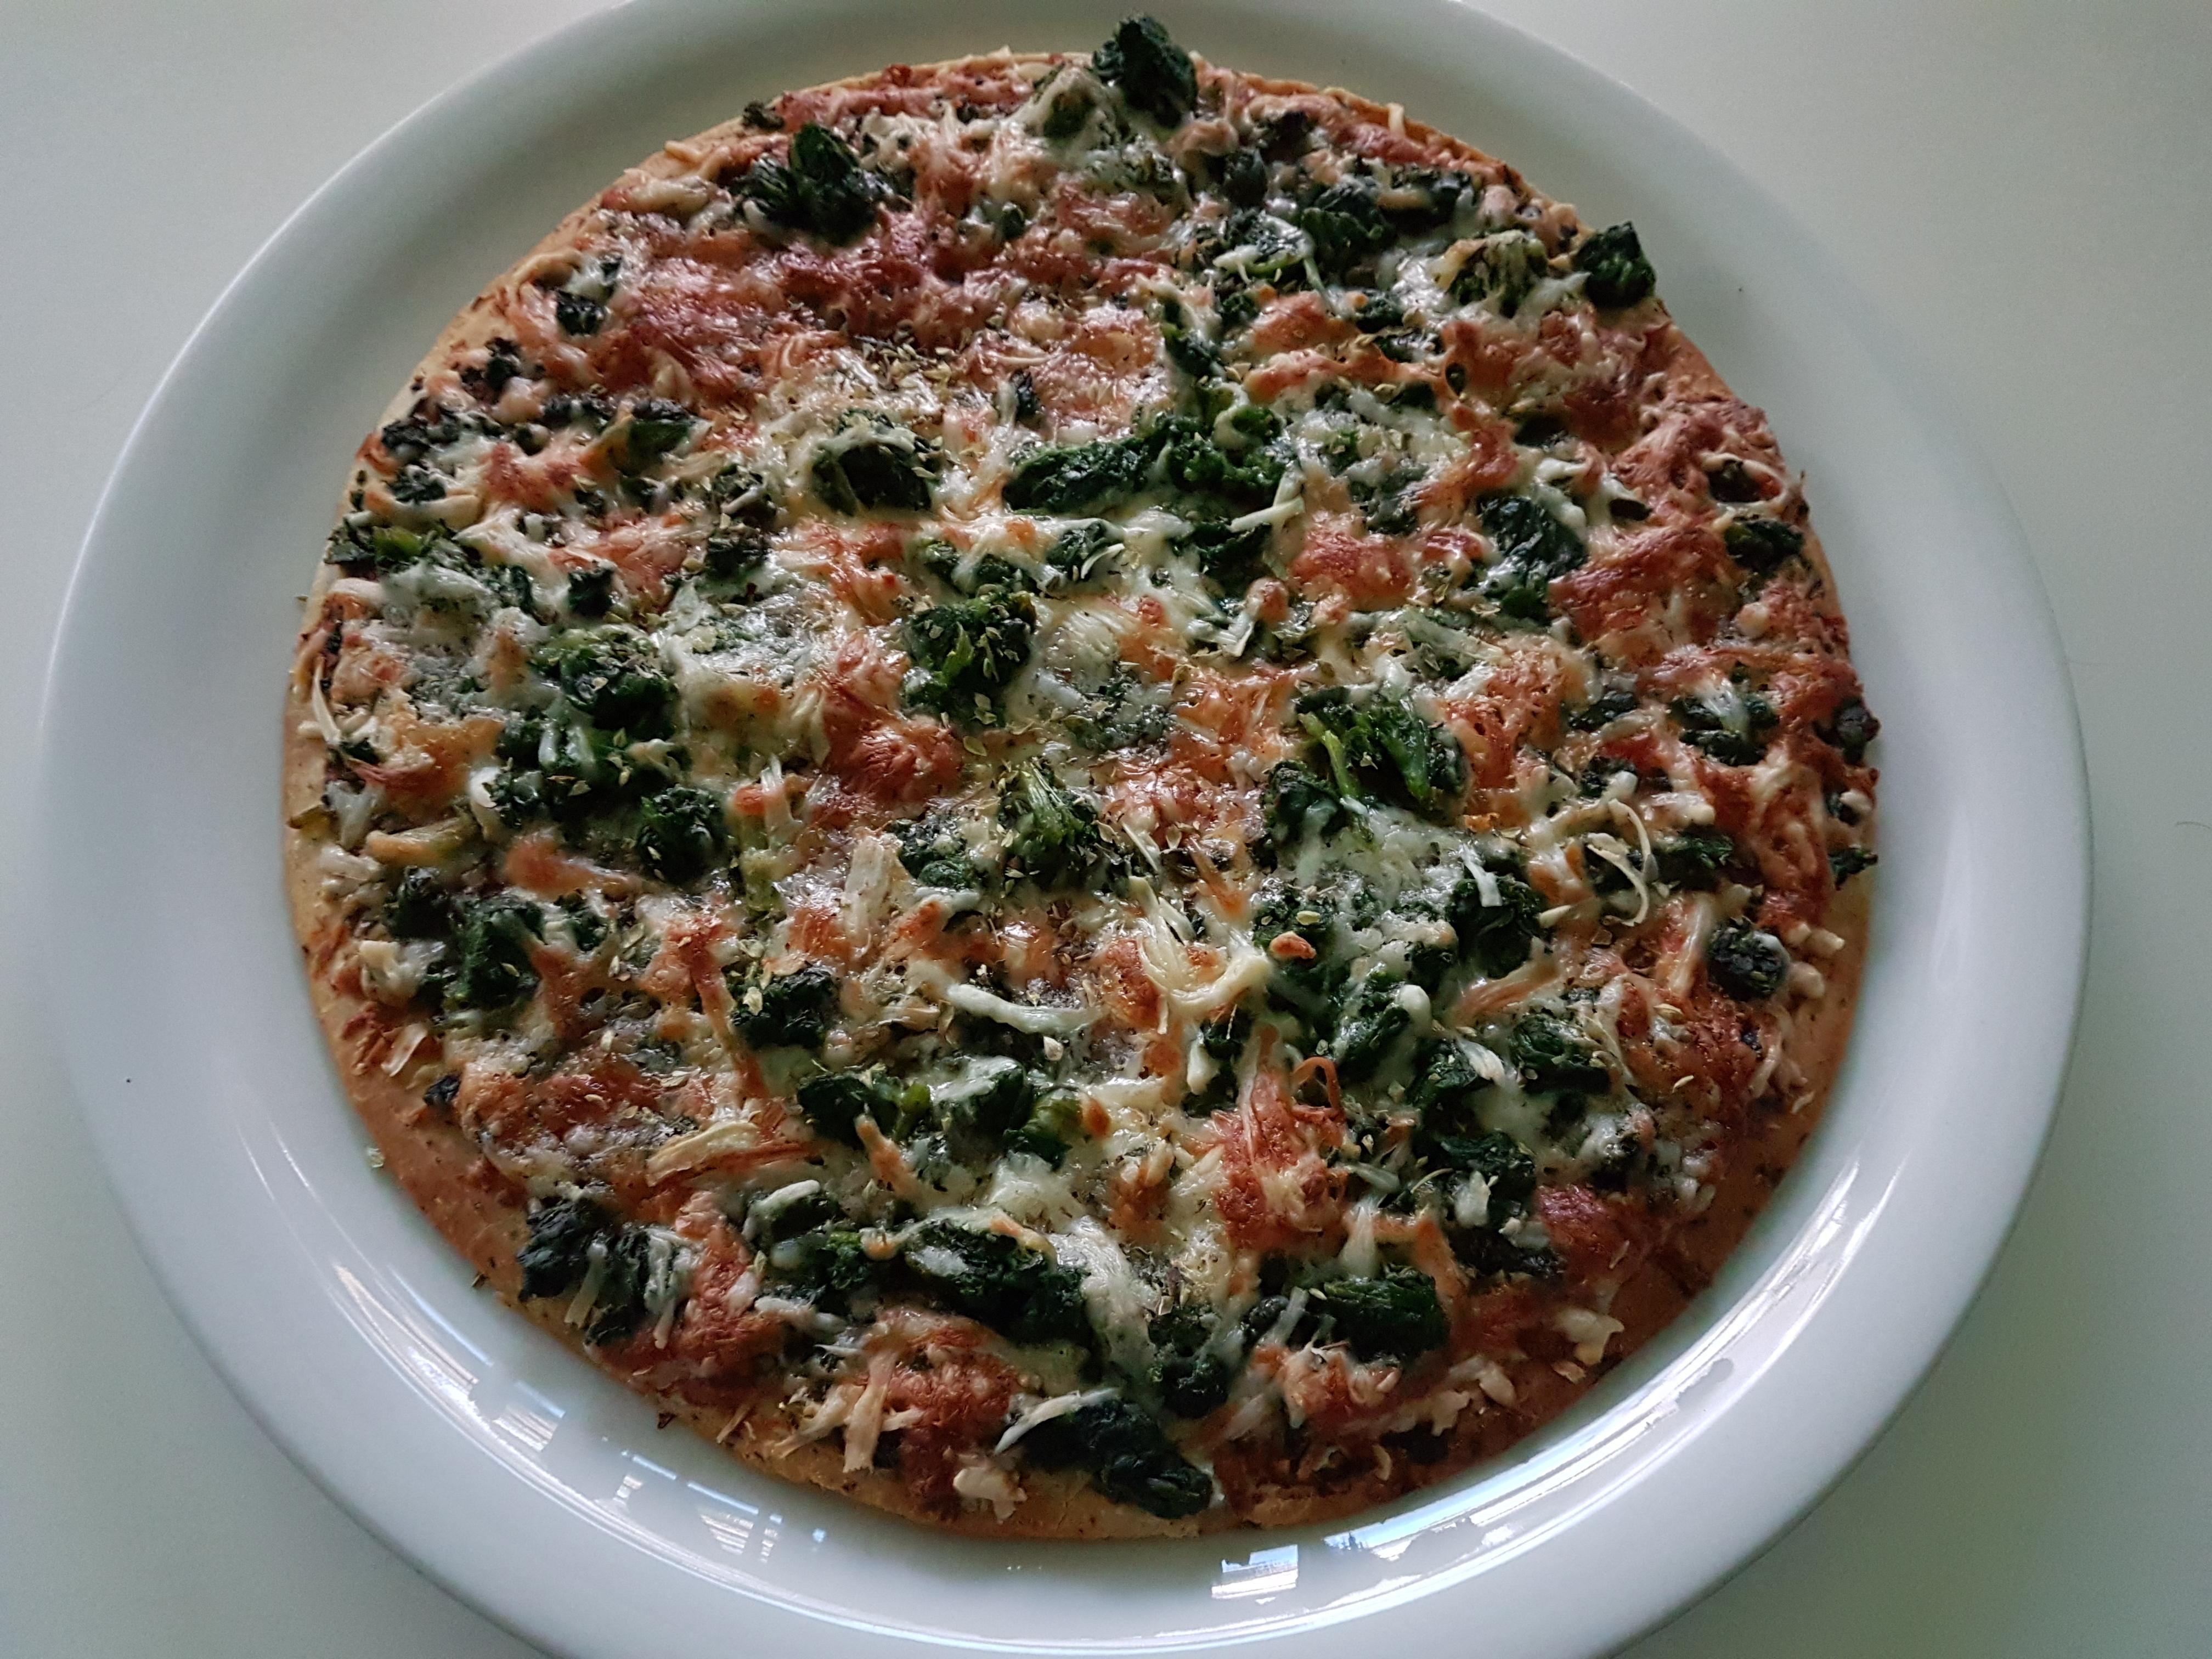 https://foodloader.net/Holz_2017-10-31_Pizza.jpg